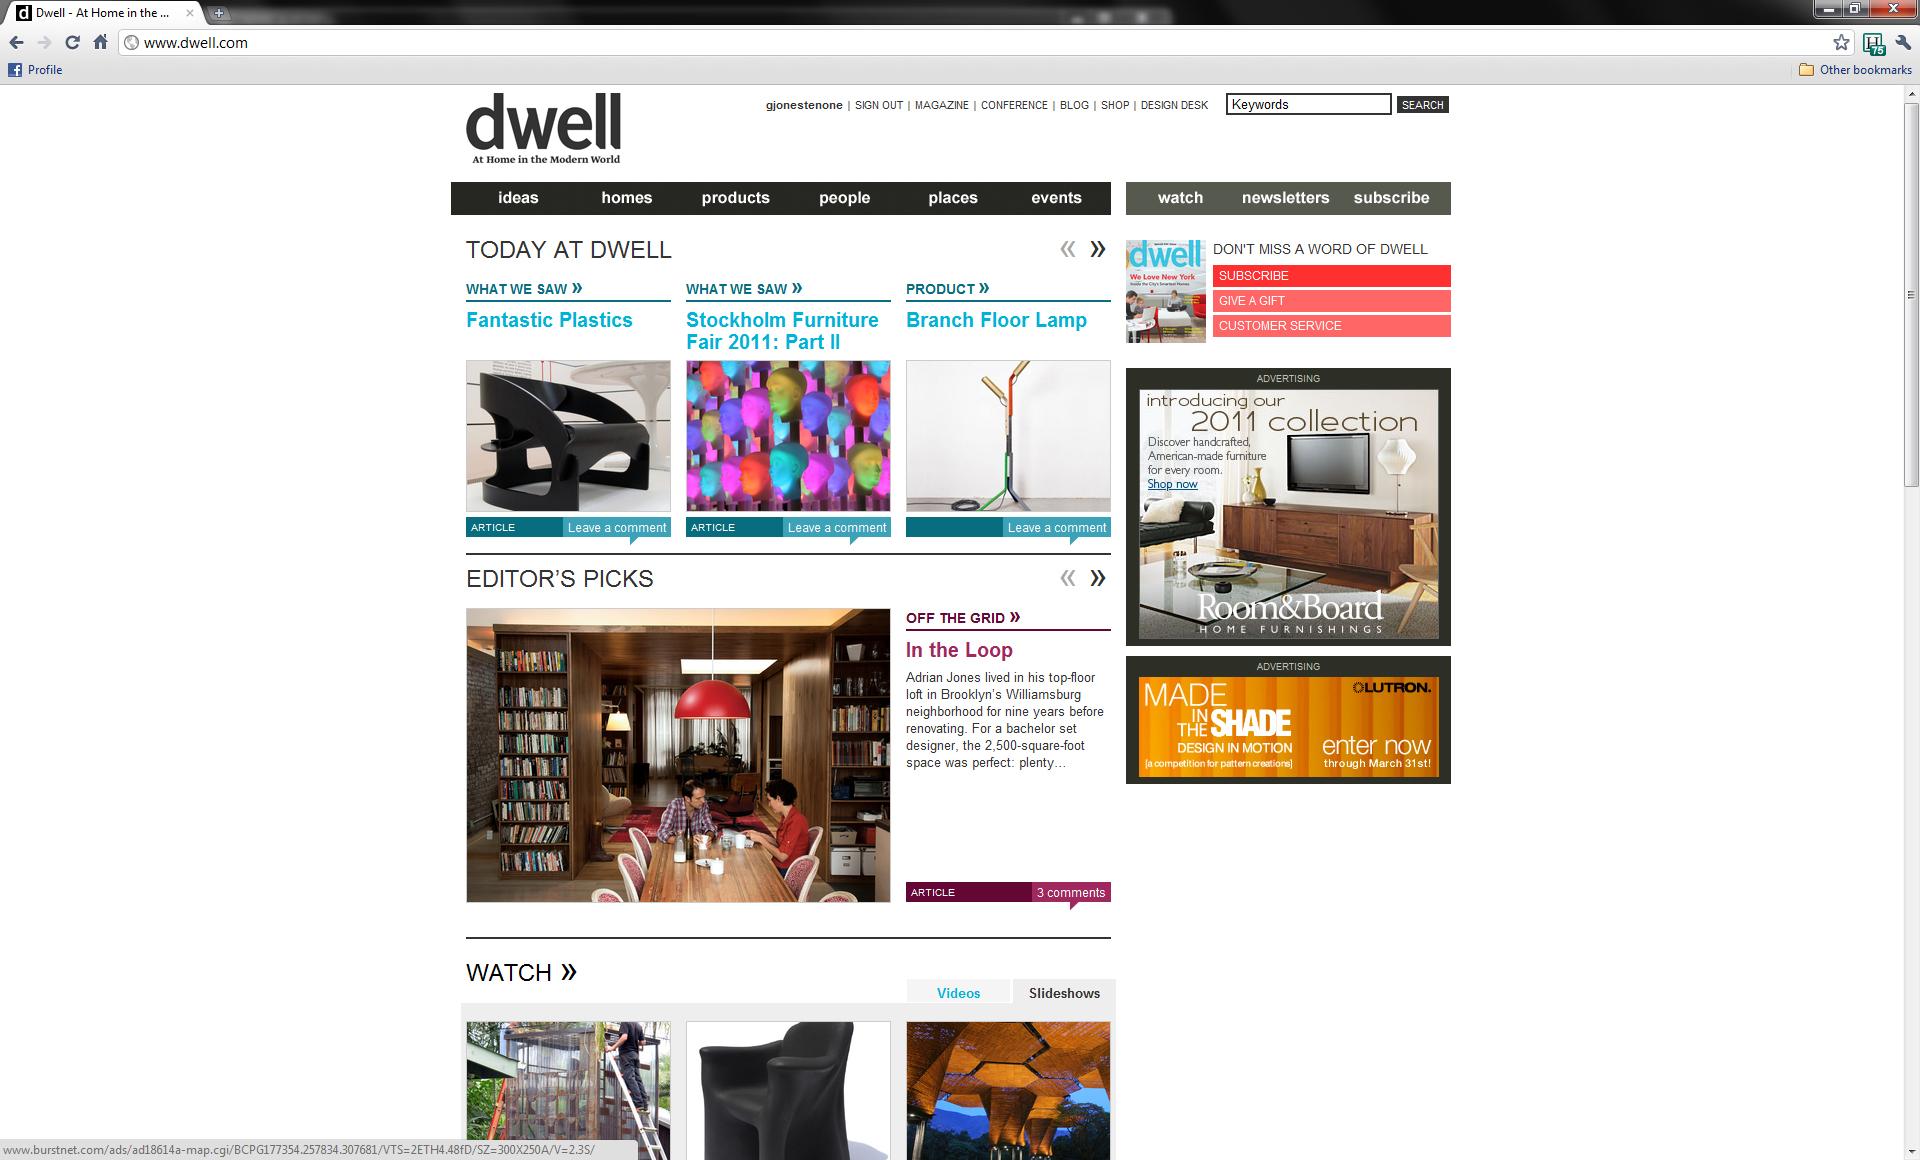 dwell loop online image 04.jpg